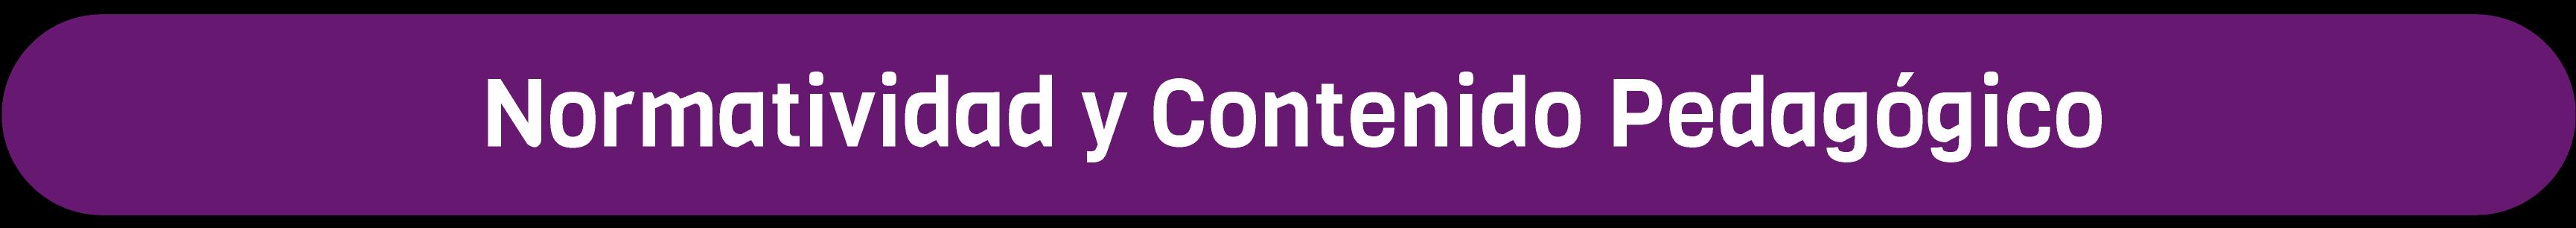 separador-contenido